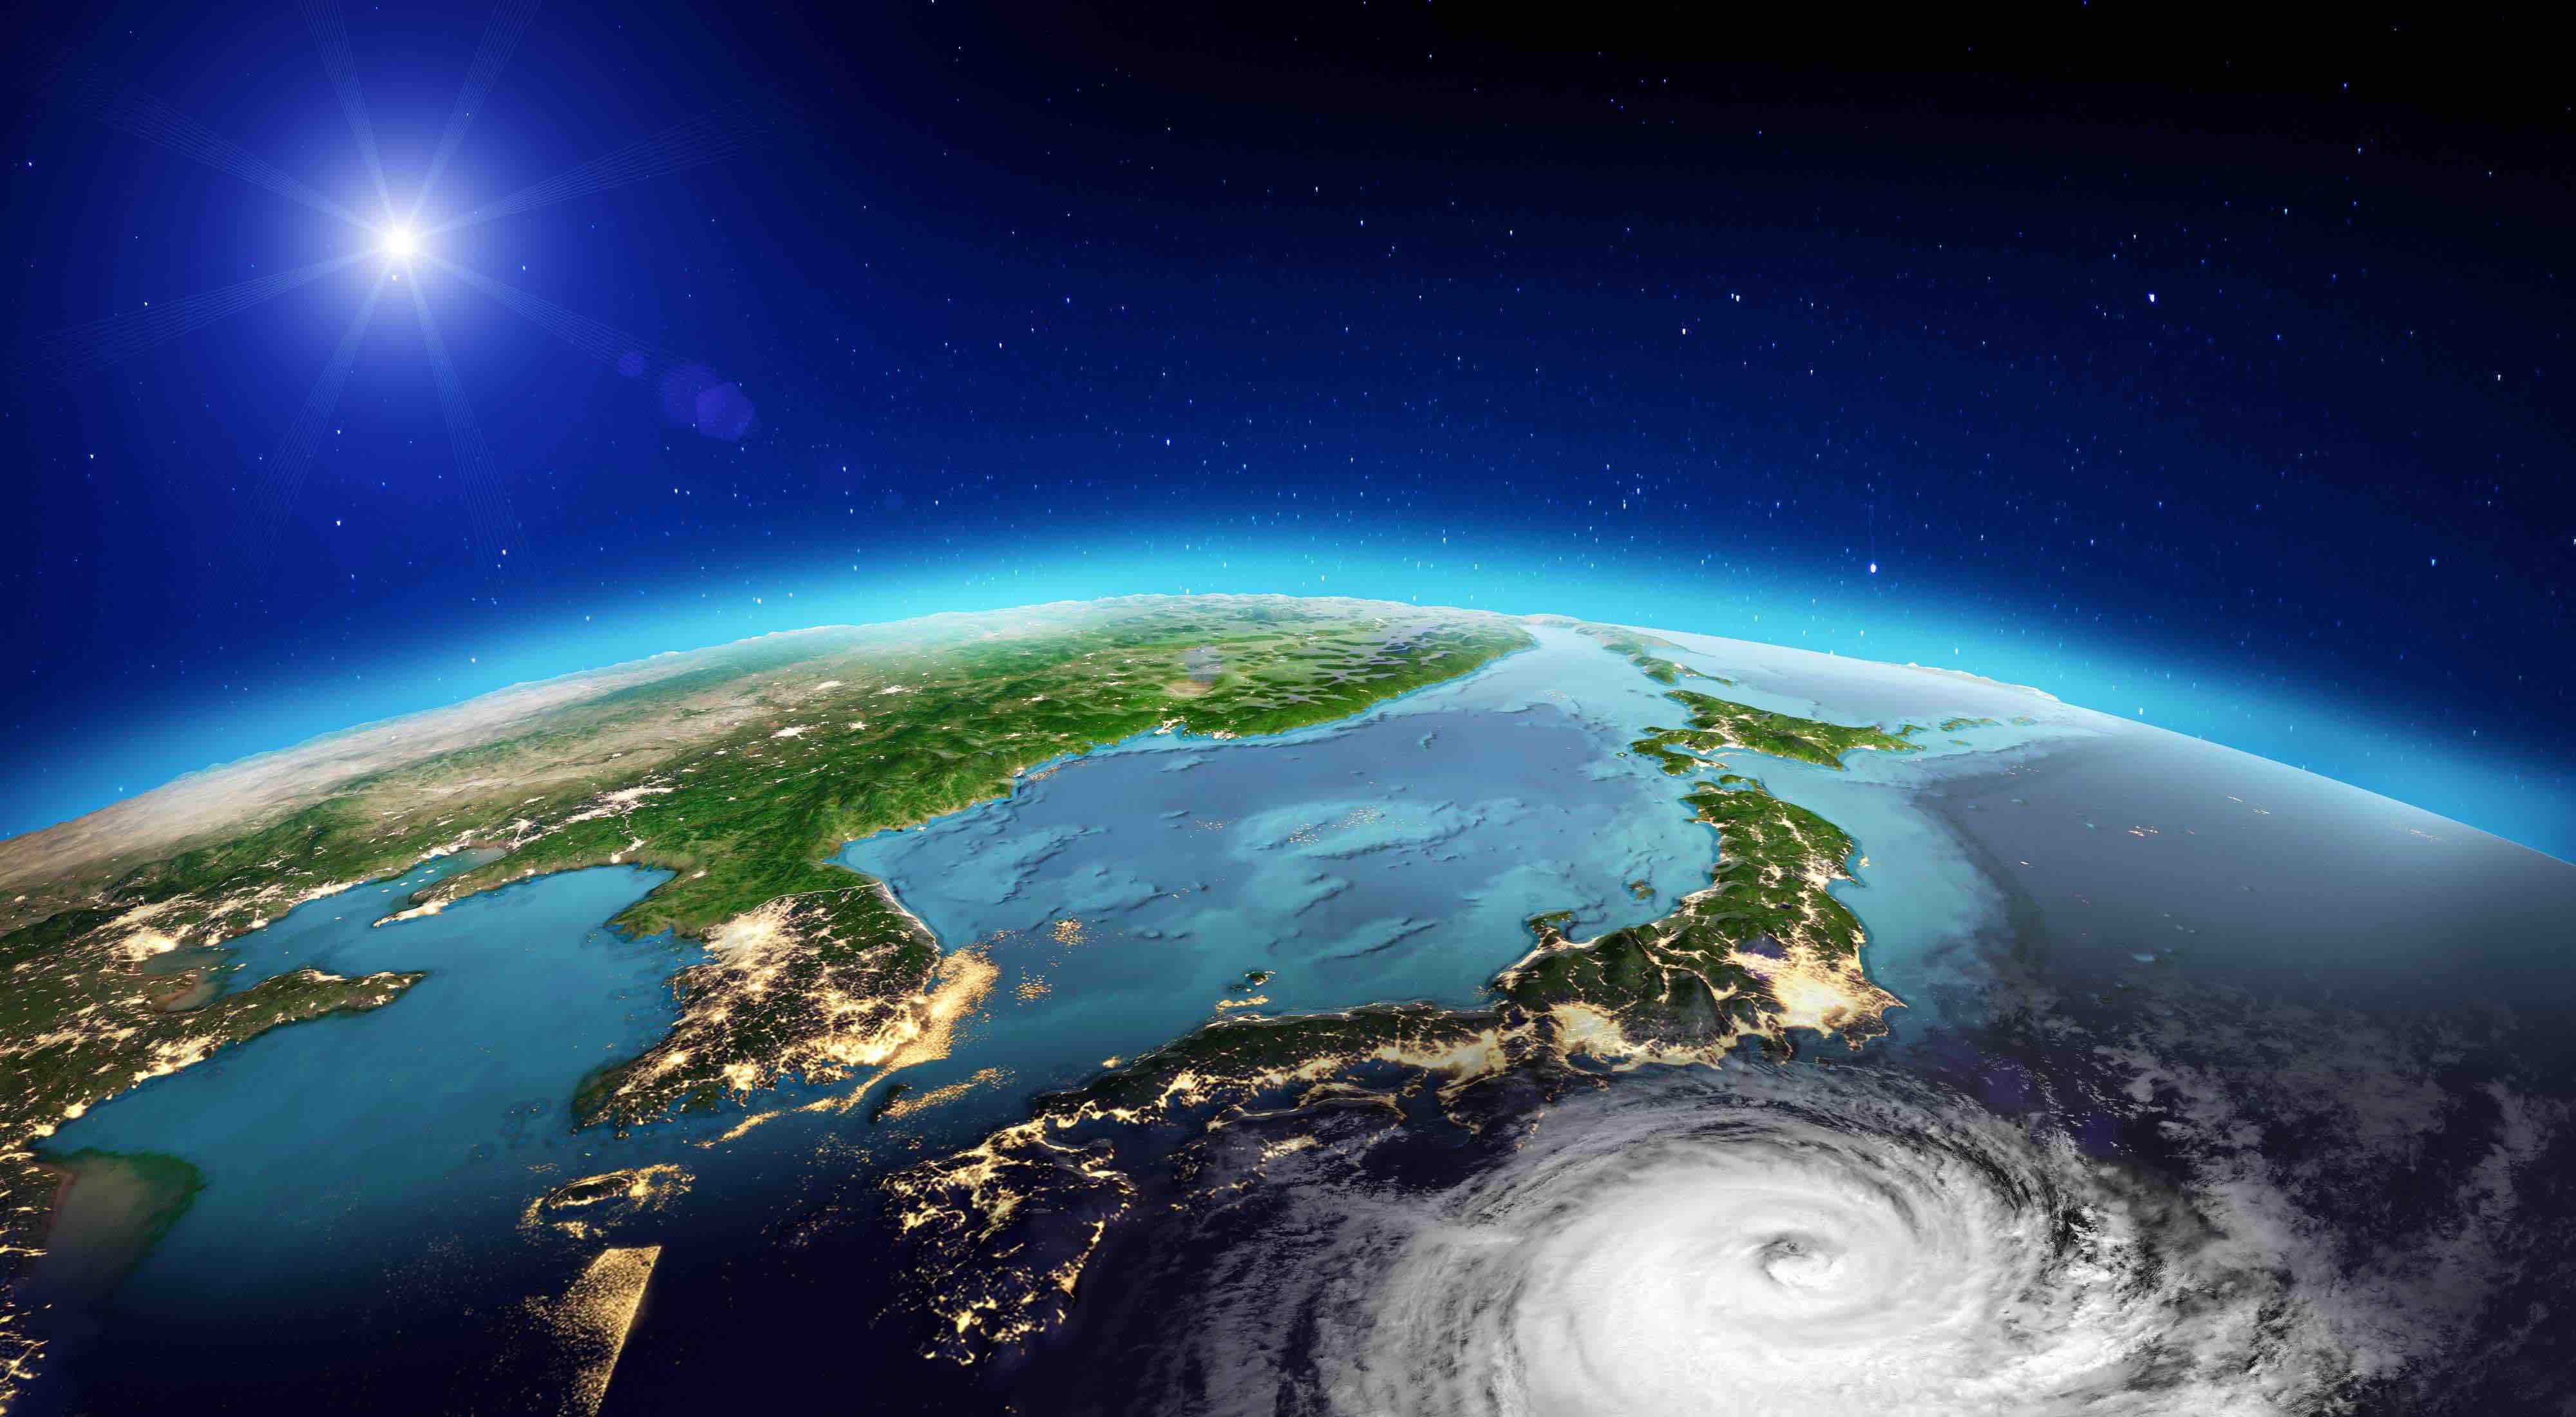 TIFONES,LOS HOSPITALES NO PARAN SU SERVICIO/台風。でも病院の稼働は止まらない